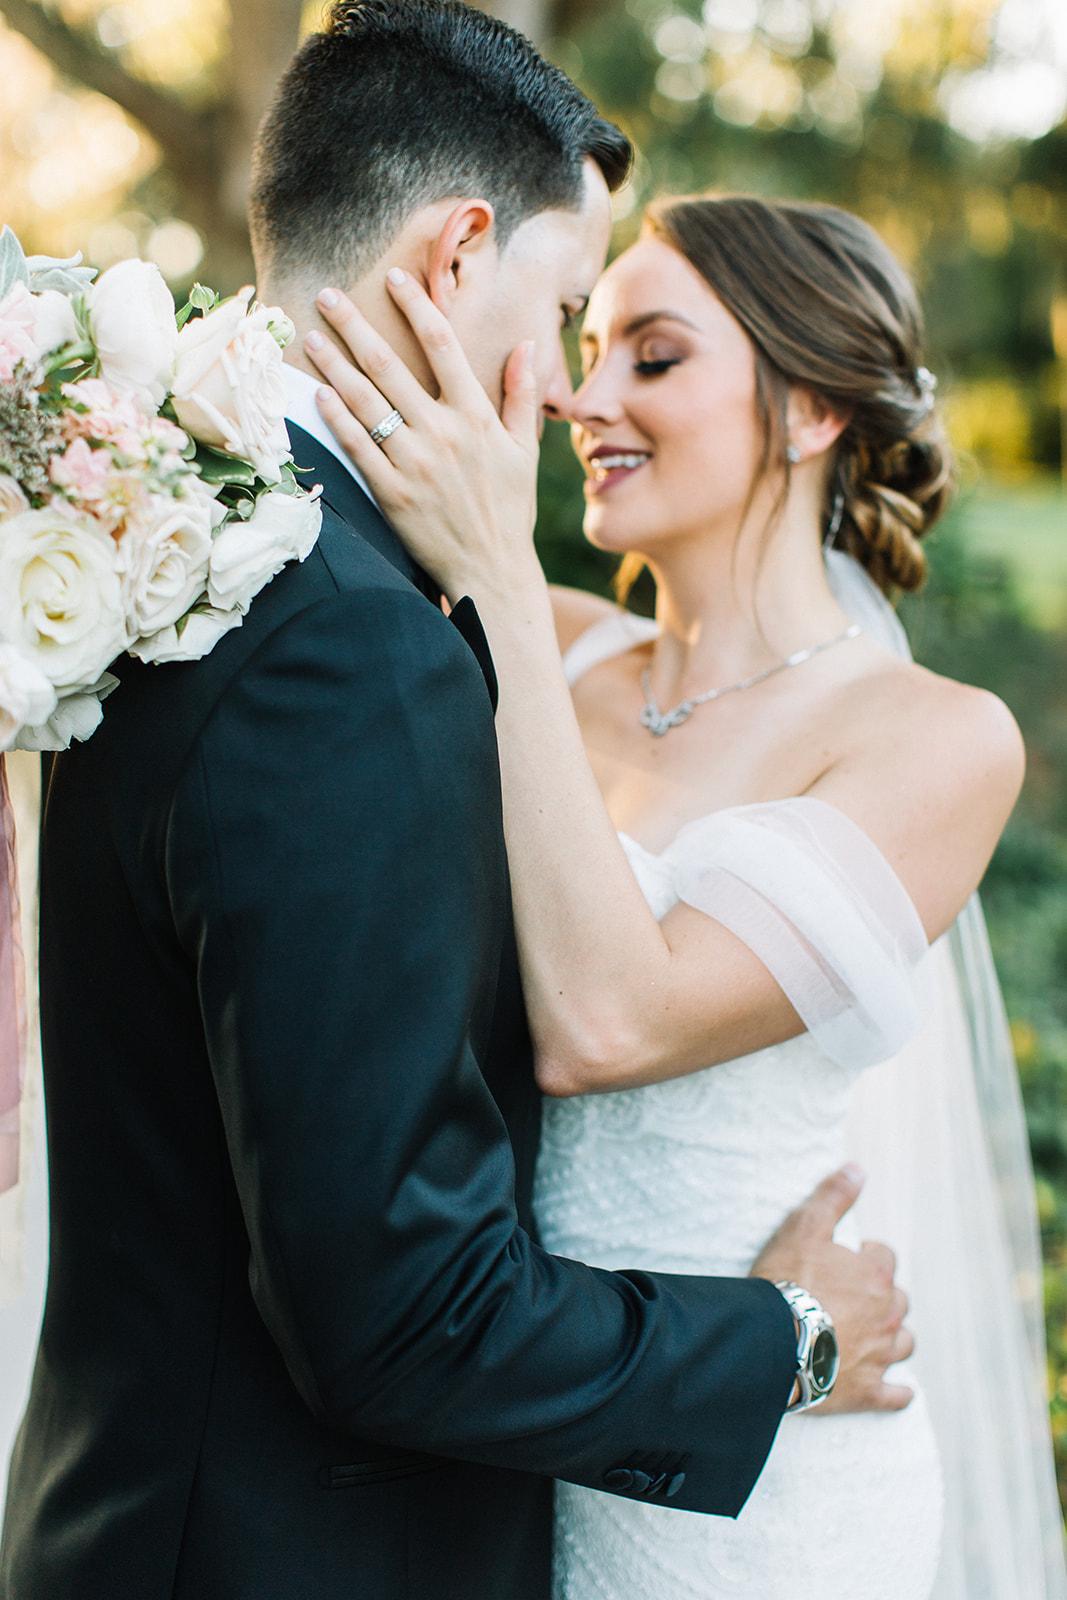 cypress grove estate house outdoor wedding florida destination